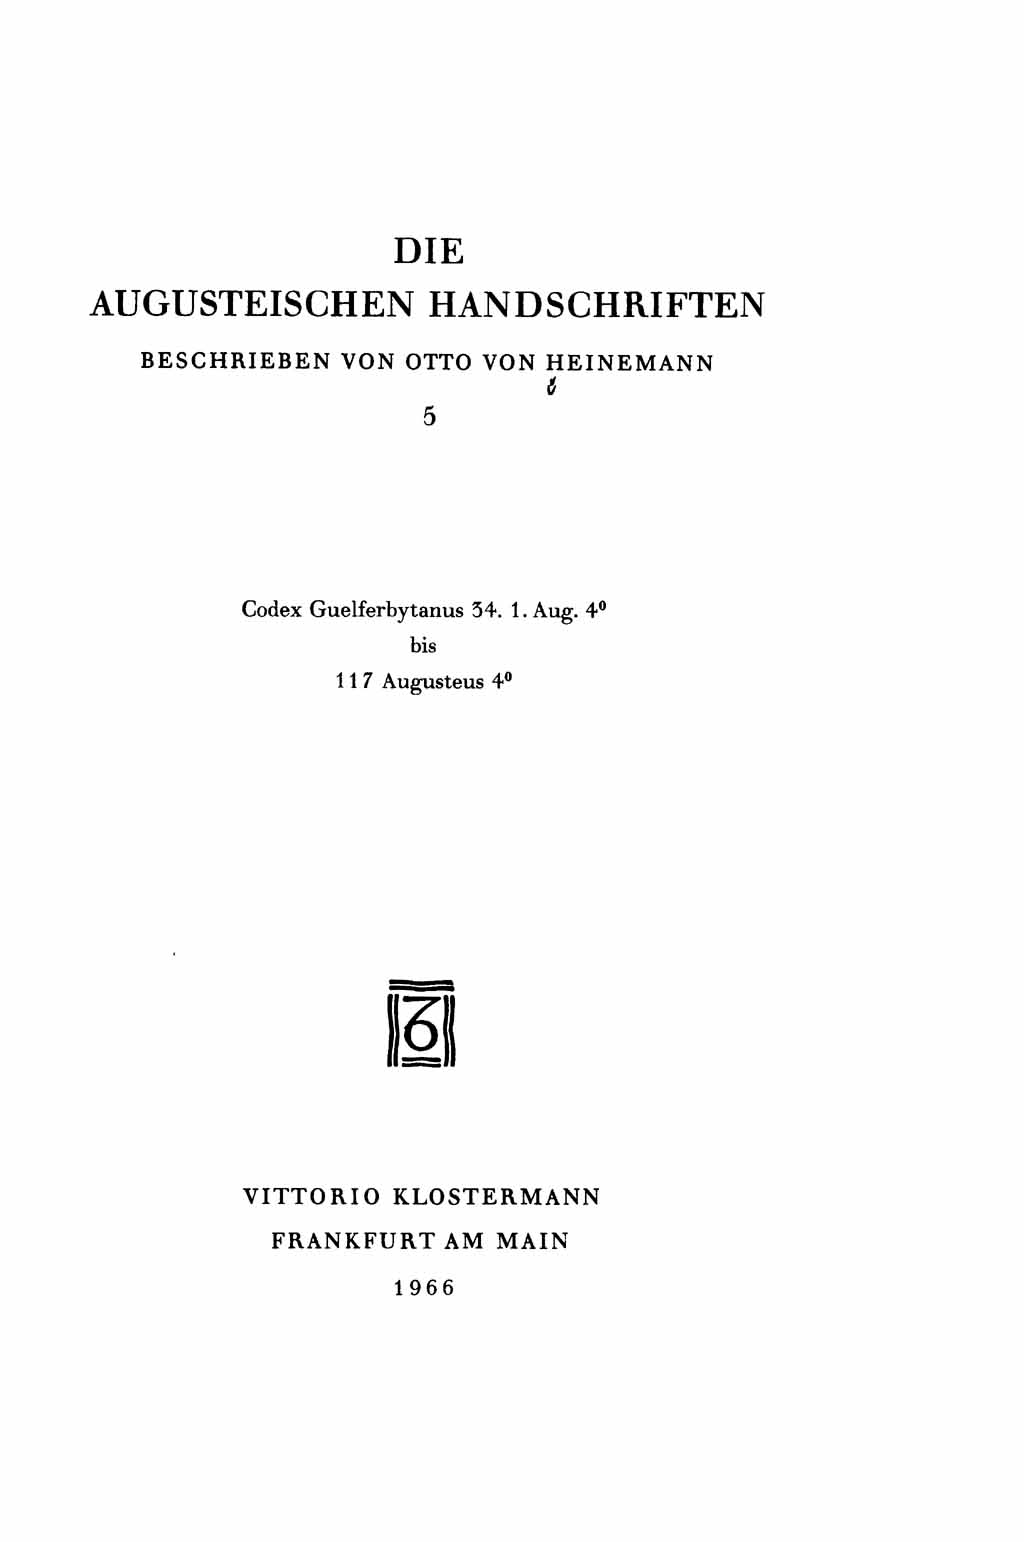 https://diglib.hab.de/drucke/f4f-539-8/00003.jpg